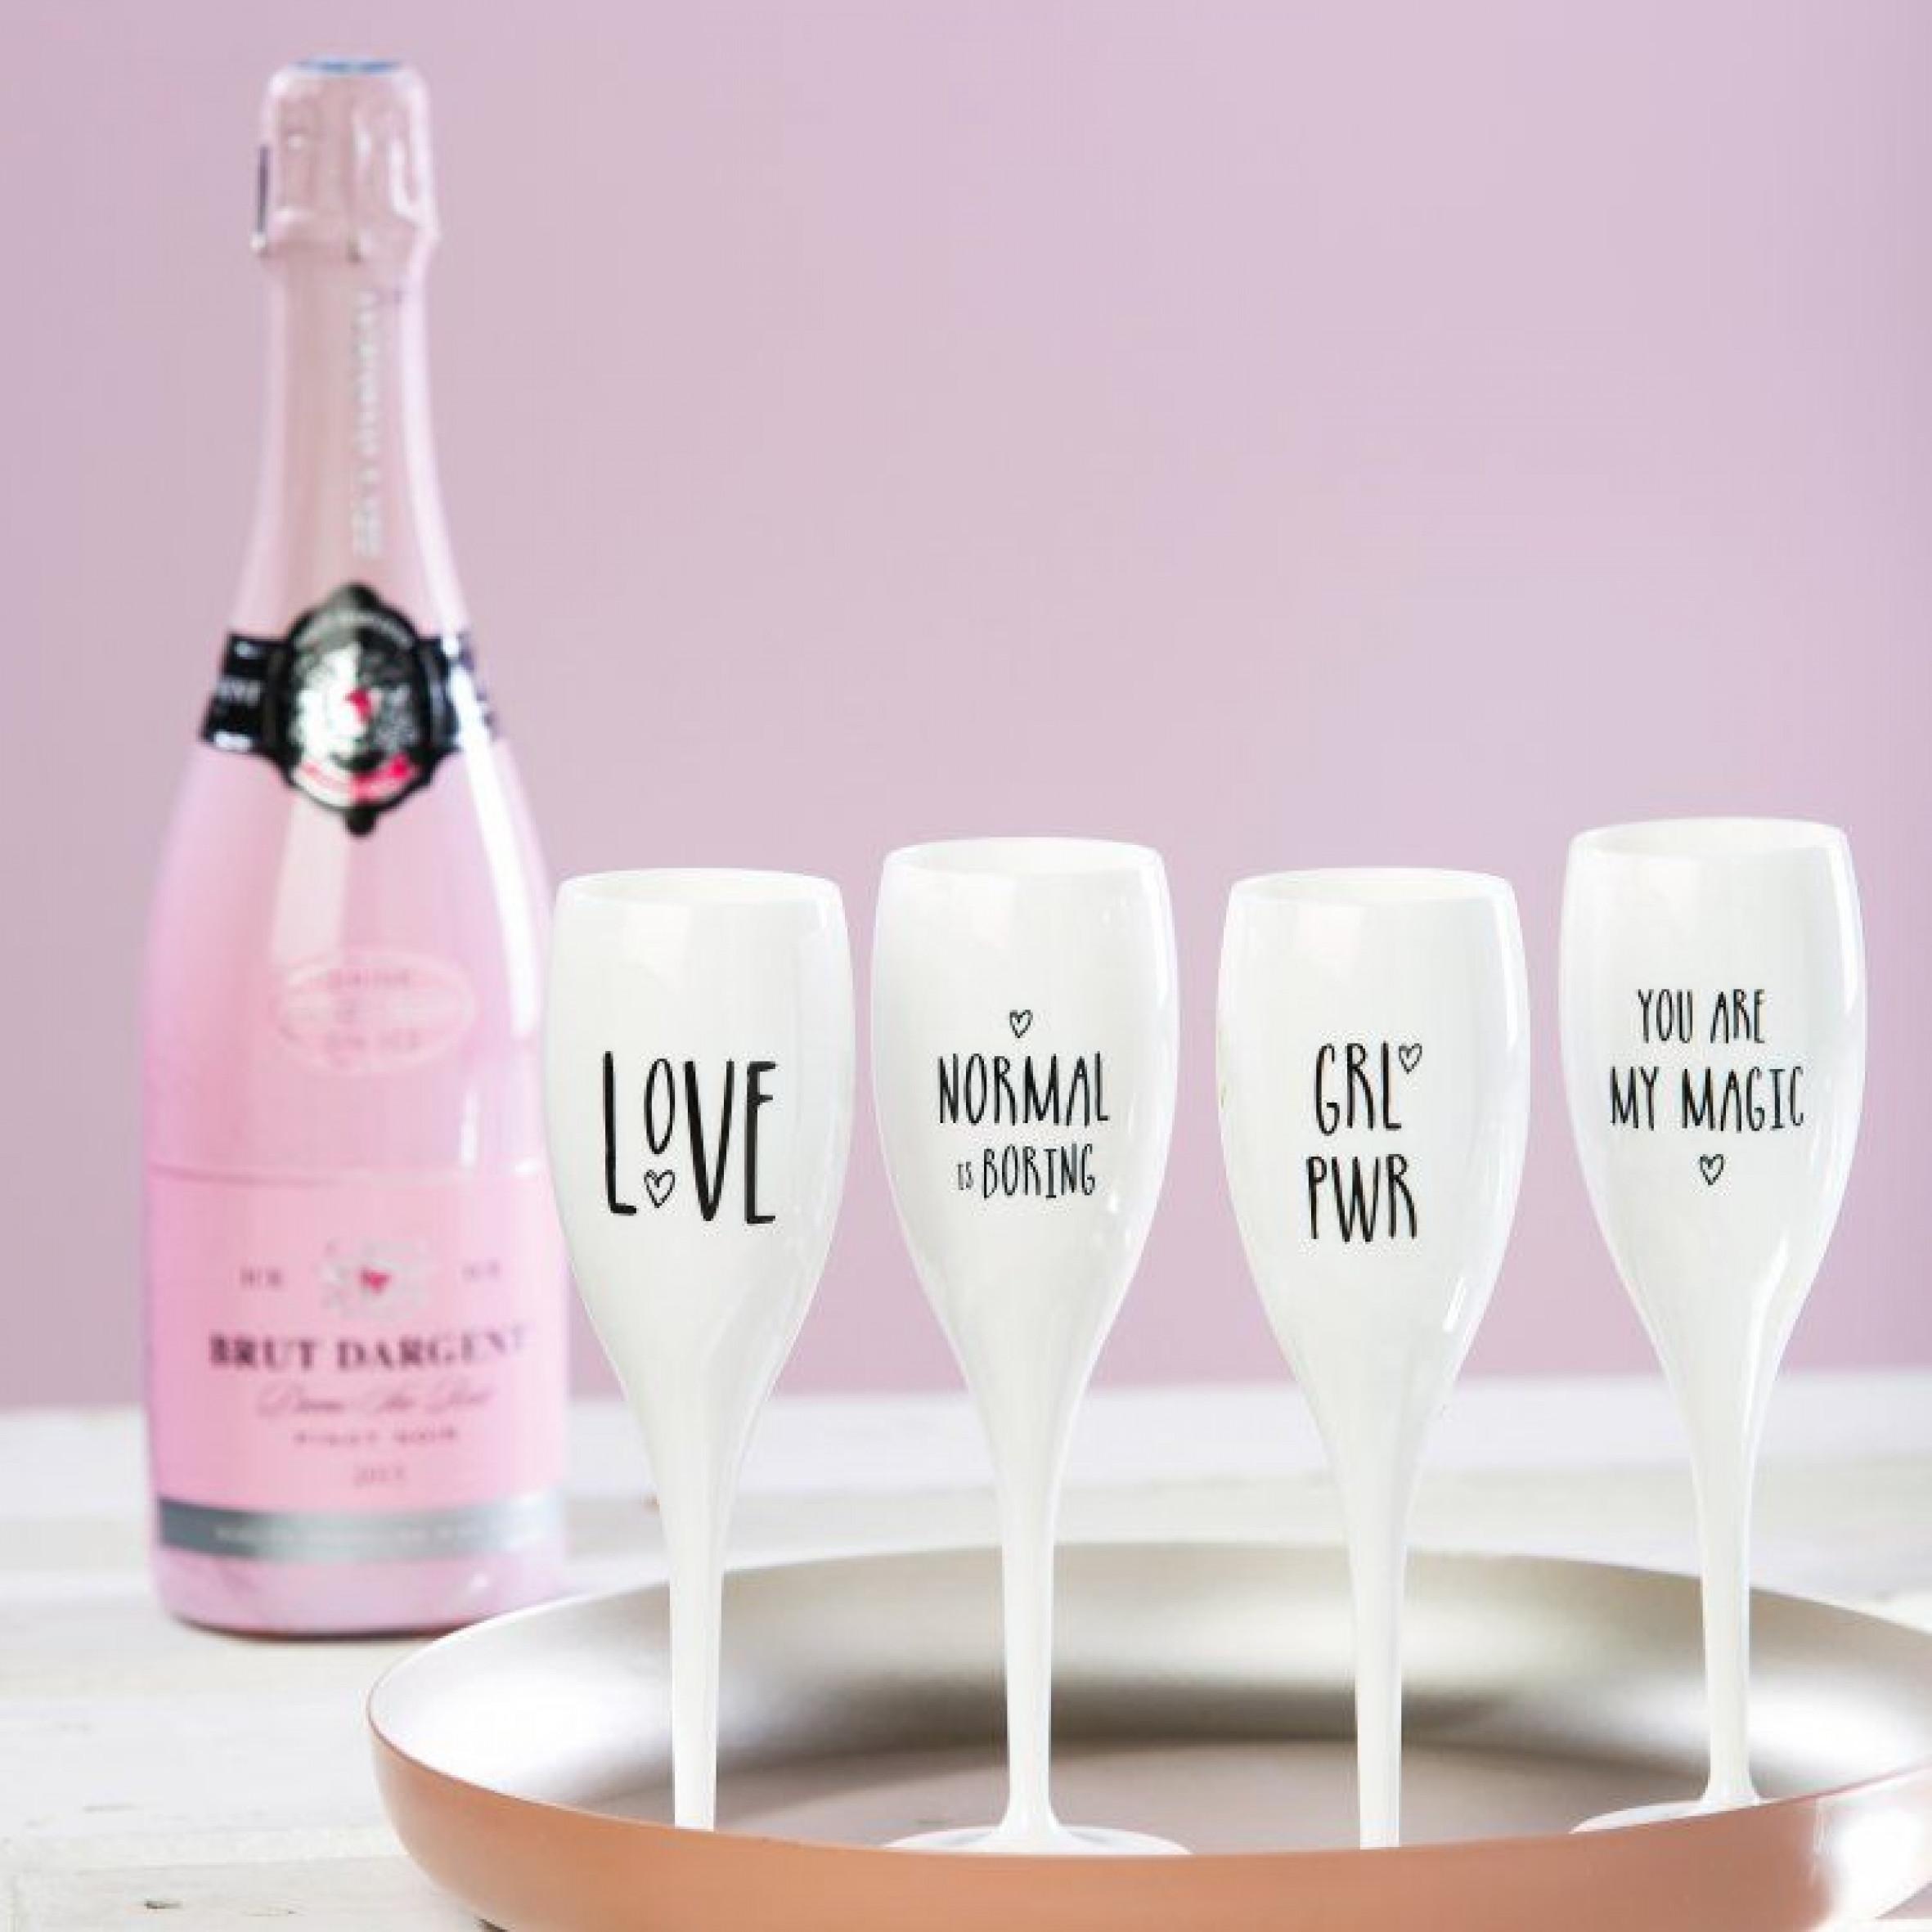 Champagnergläser Grl Pwr | 6er-Set